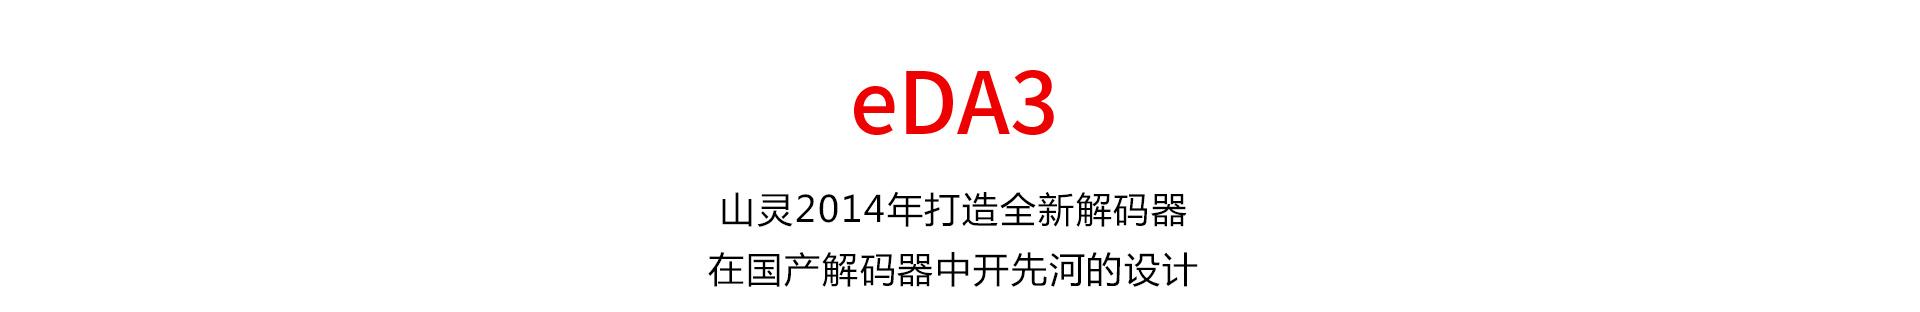 eDA3_01.jpg